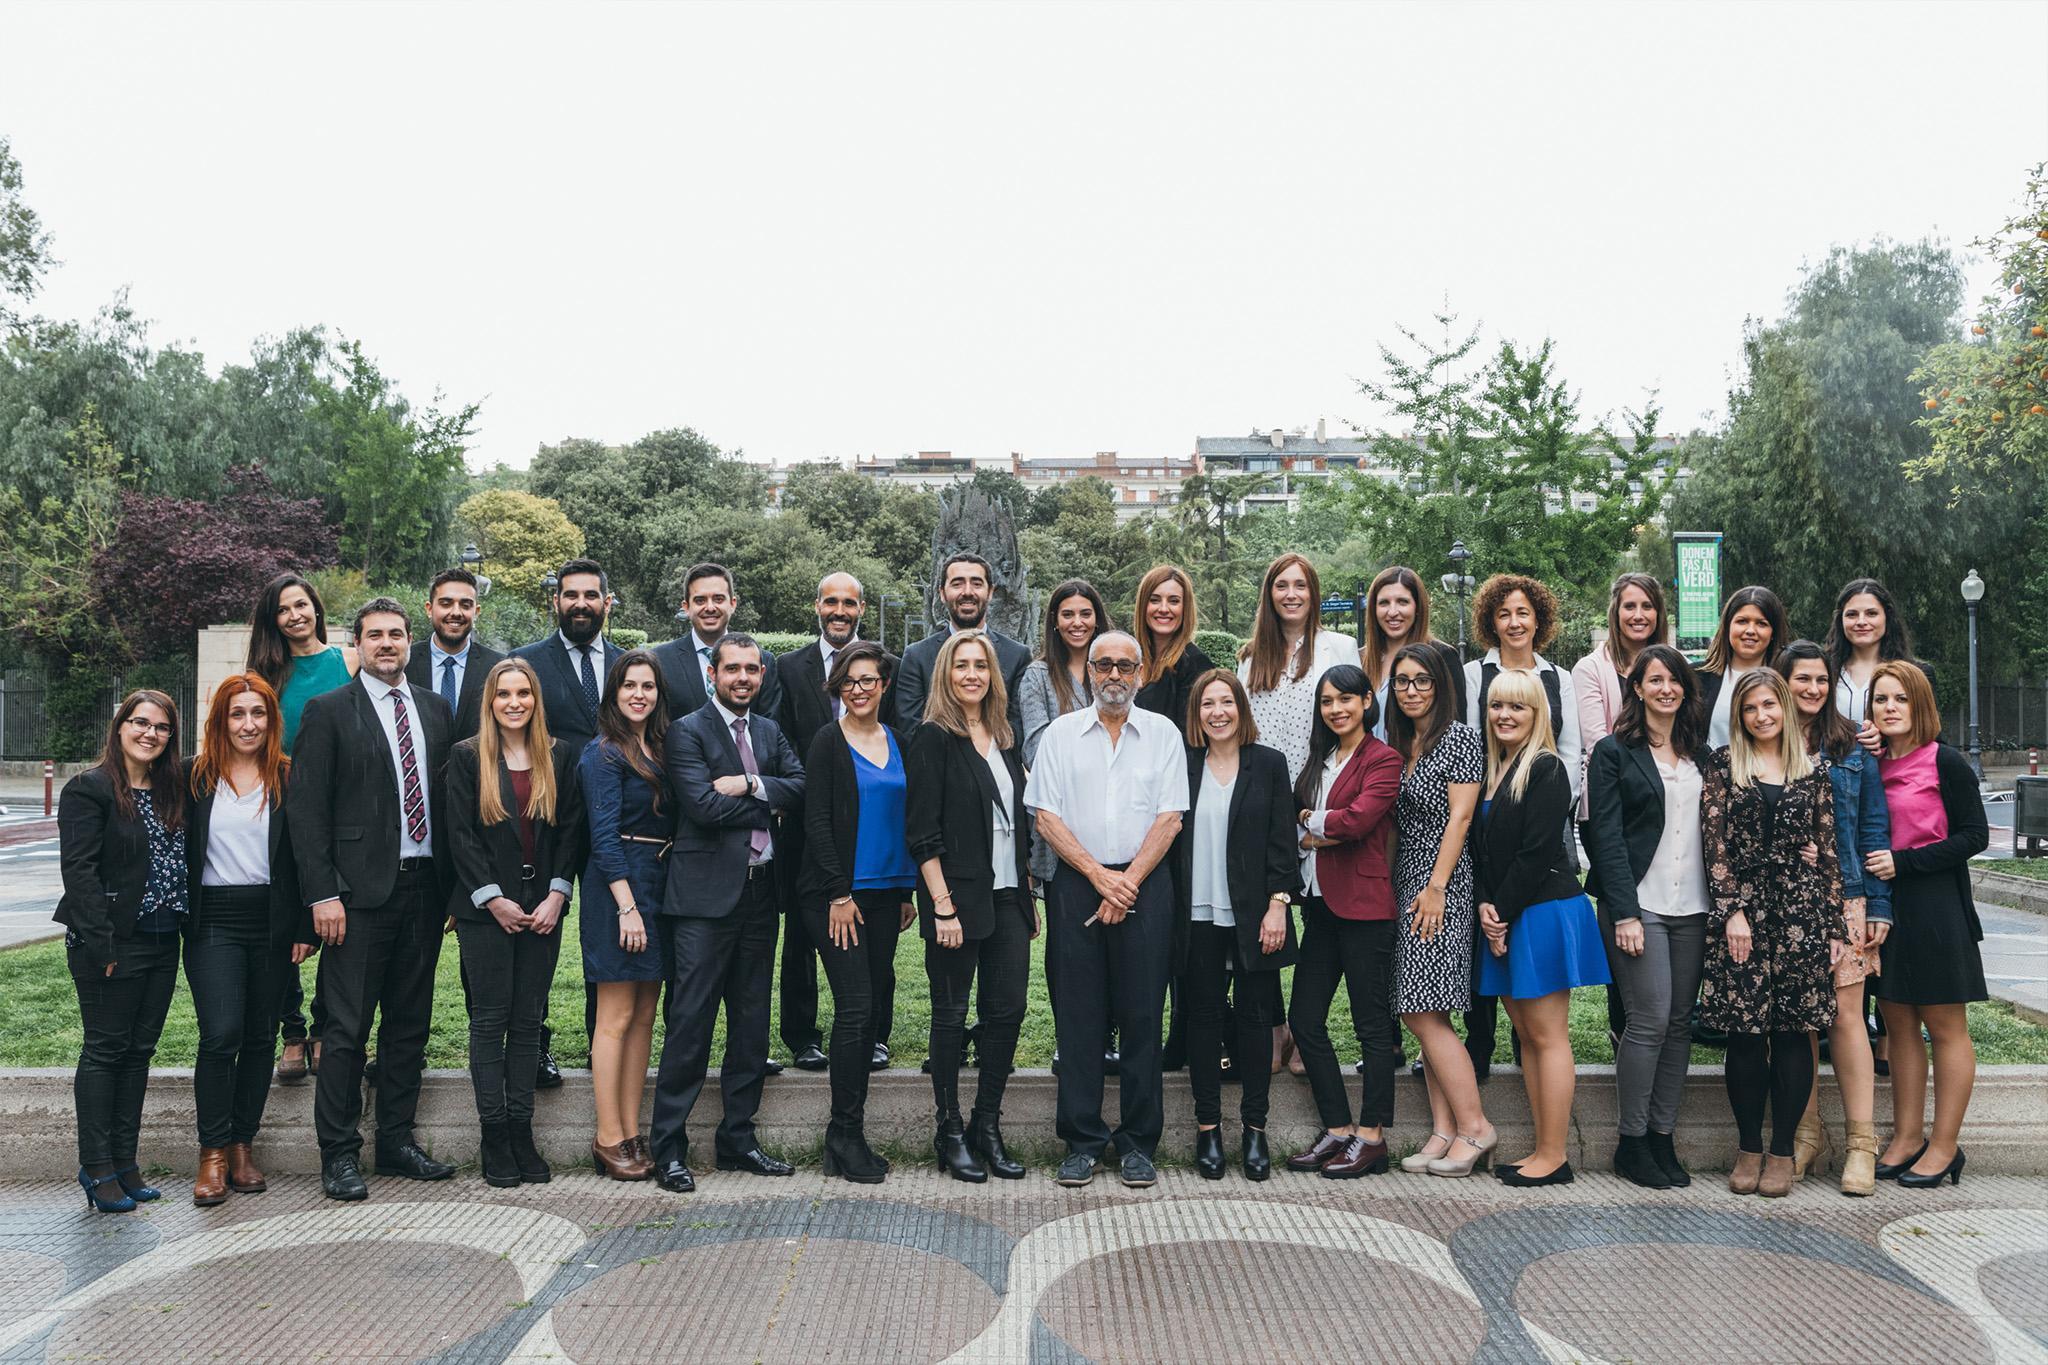 Grupo MLT - Fotos Corporativas 6